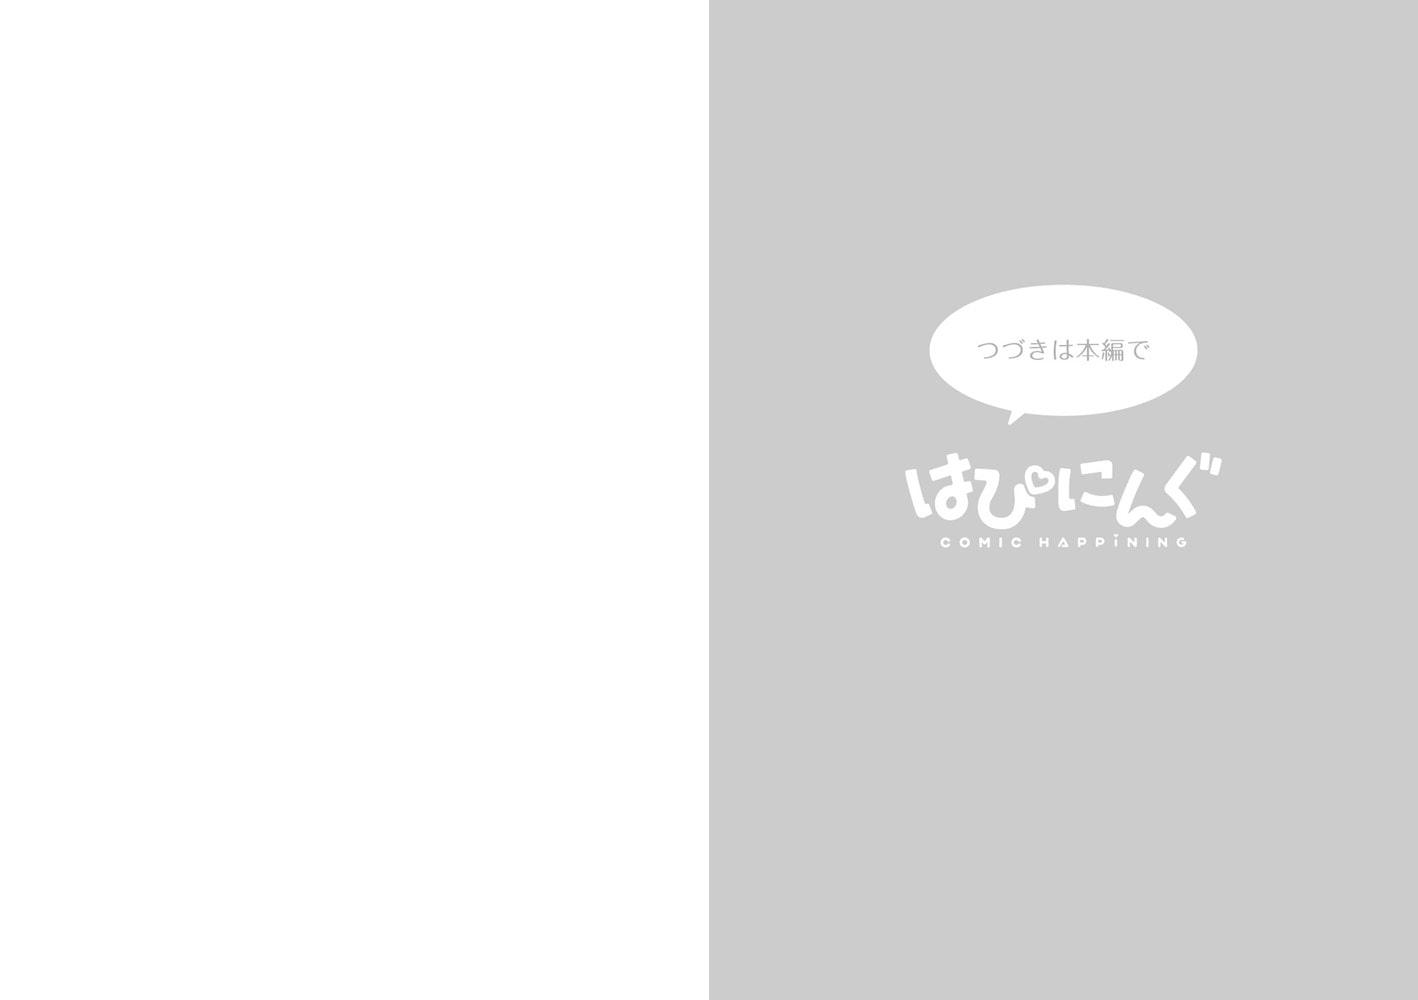 イキイキ潮ラーメンのサンプル画像